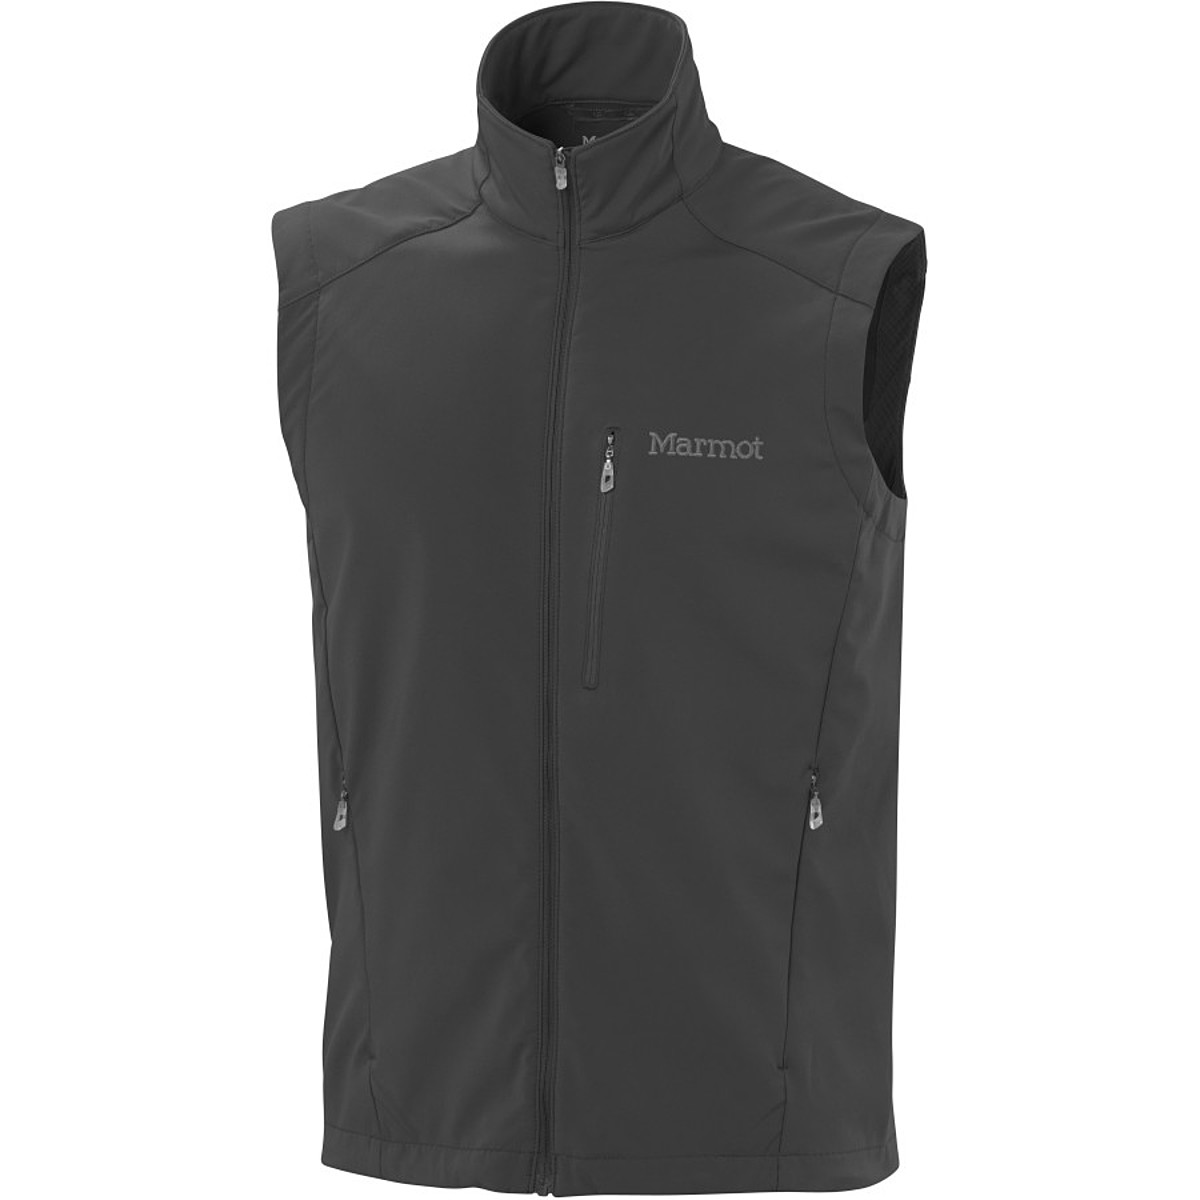 Marmot Approach Vest